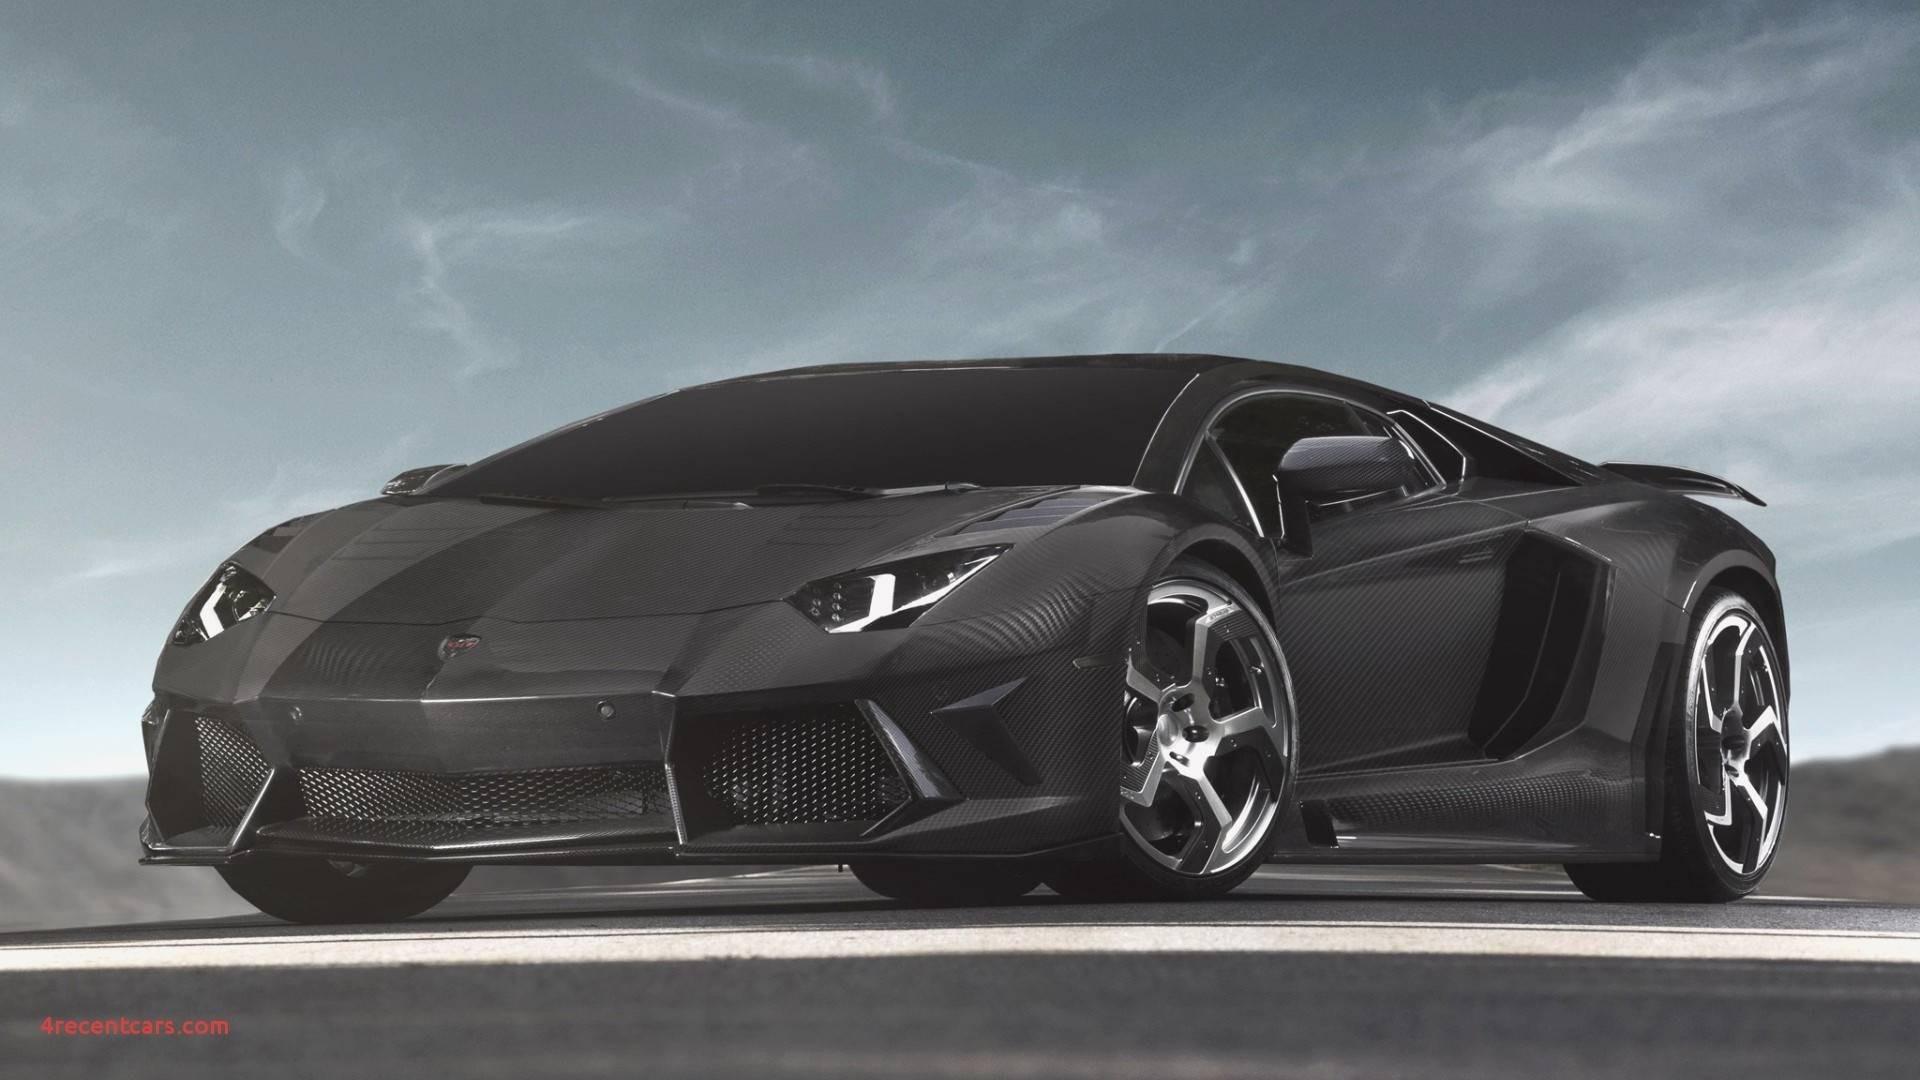 Lamborghini Zum Ausmalen Neu 25 Liebenswert Ausmalbilder Zum Ausdrucken Lamborghini Sammlung